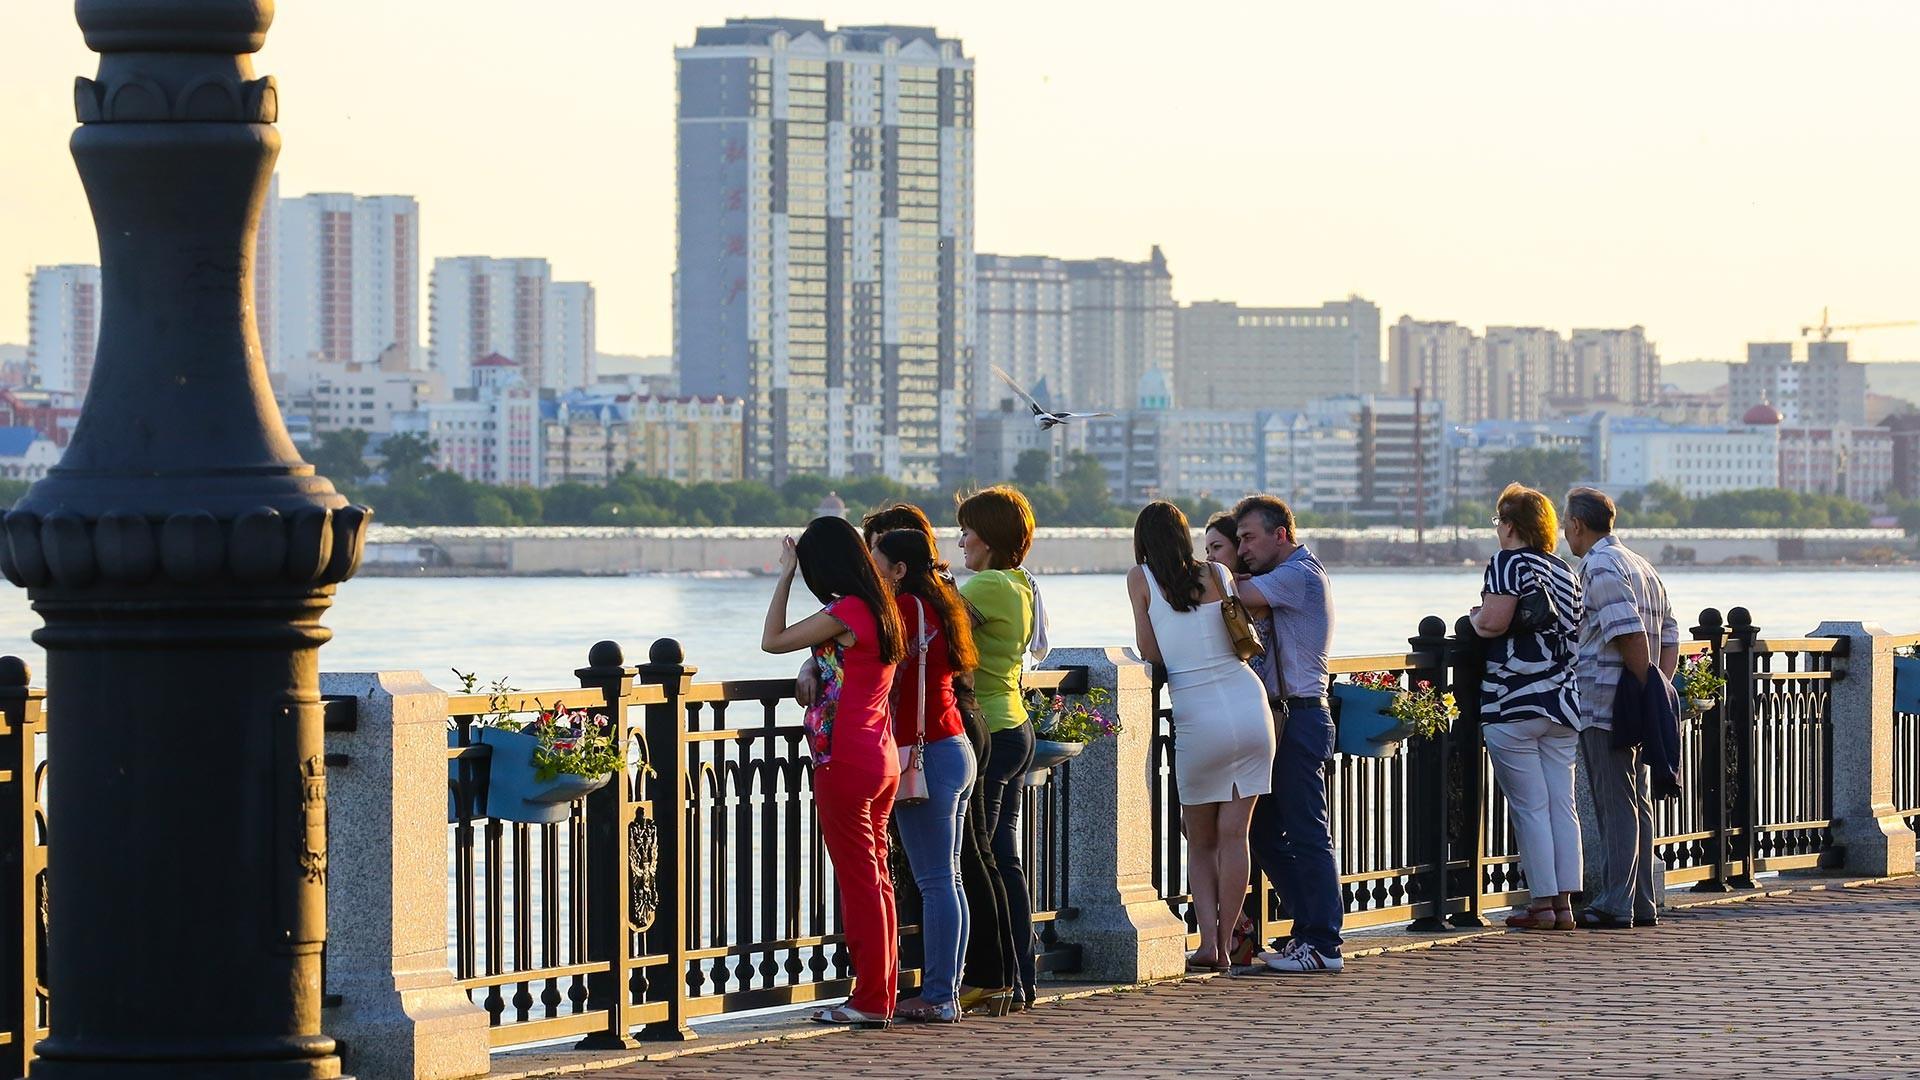 Blagoveshchensk. Pemandangan Tanggul Sungai Amur dan Kota Heihe, Republik Rakyat Tiongkok.